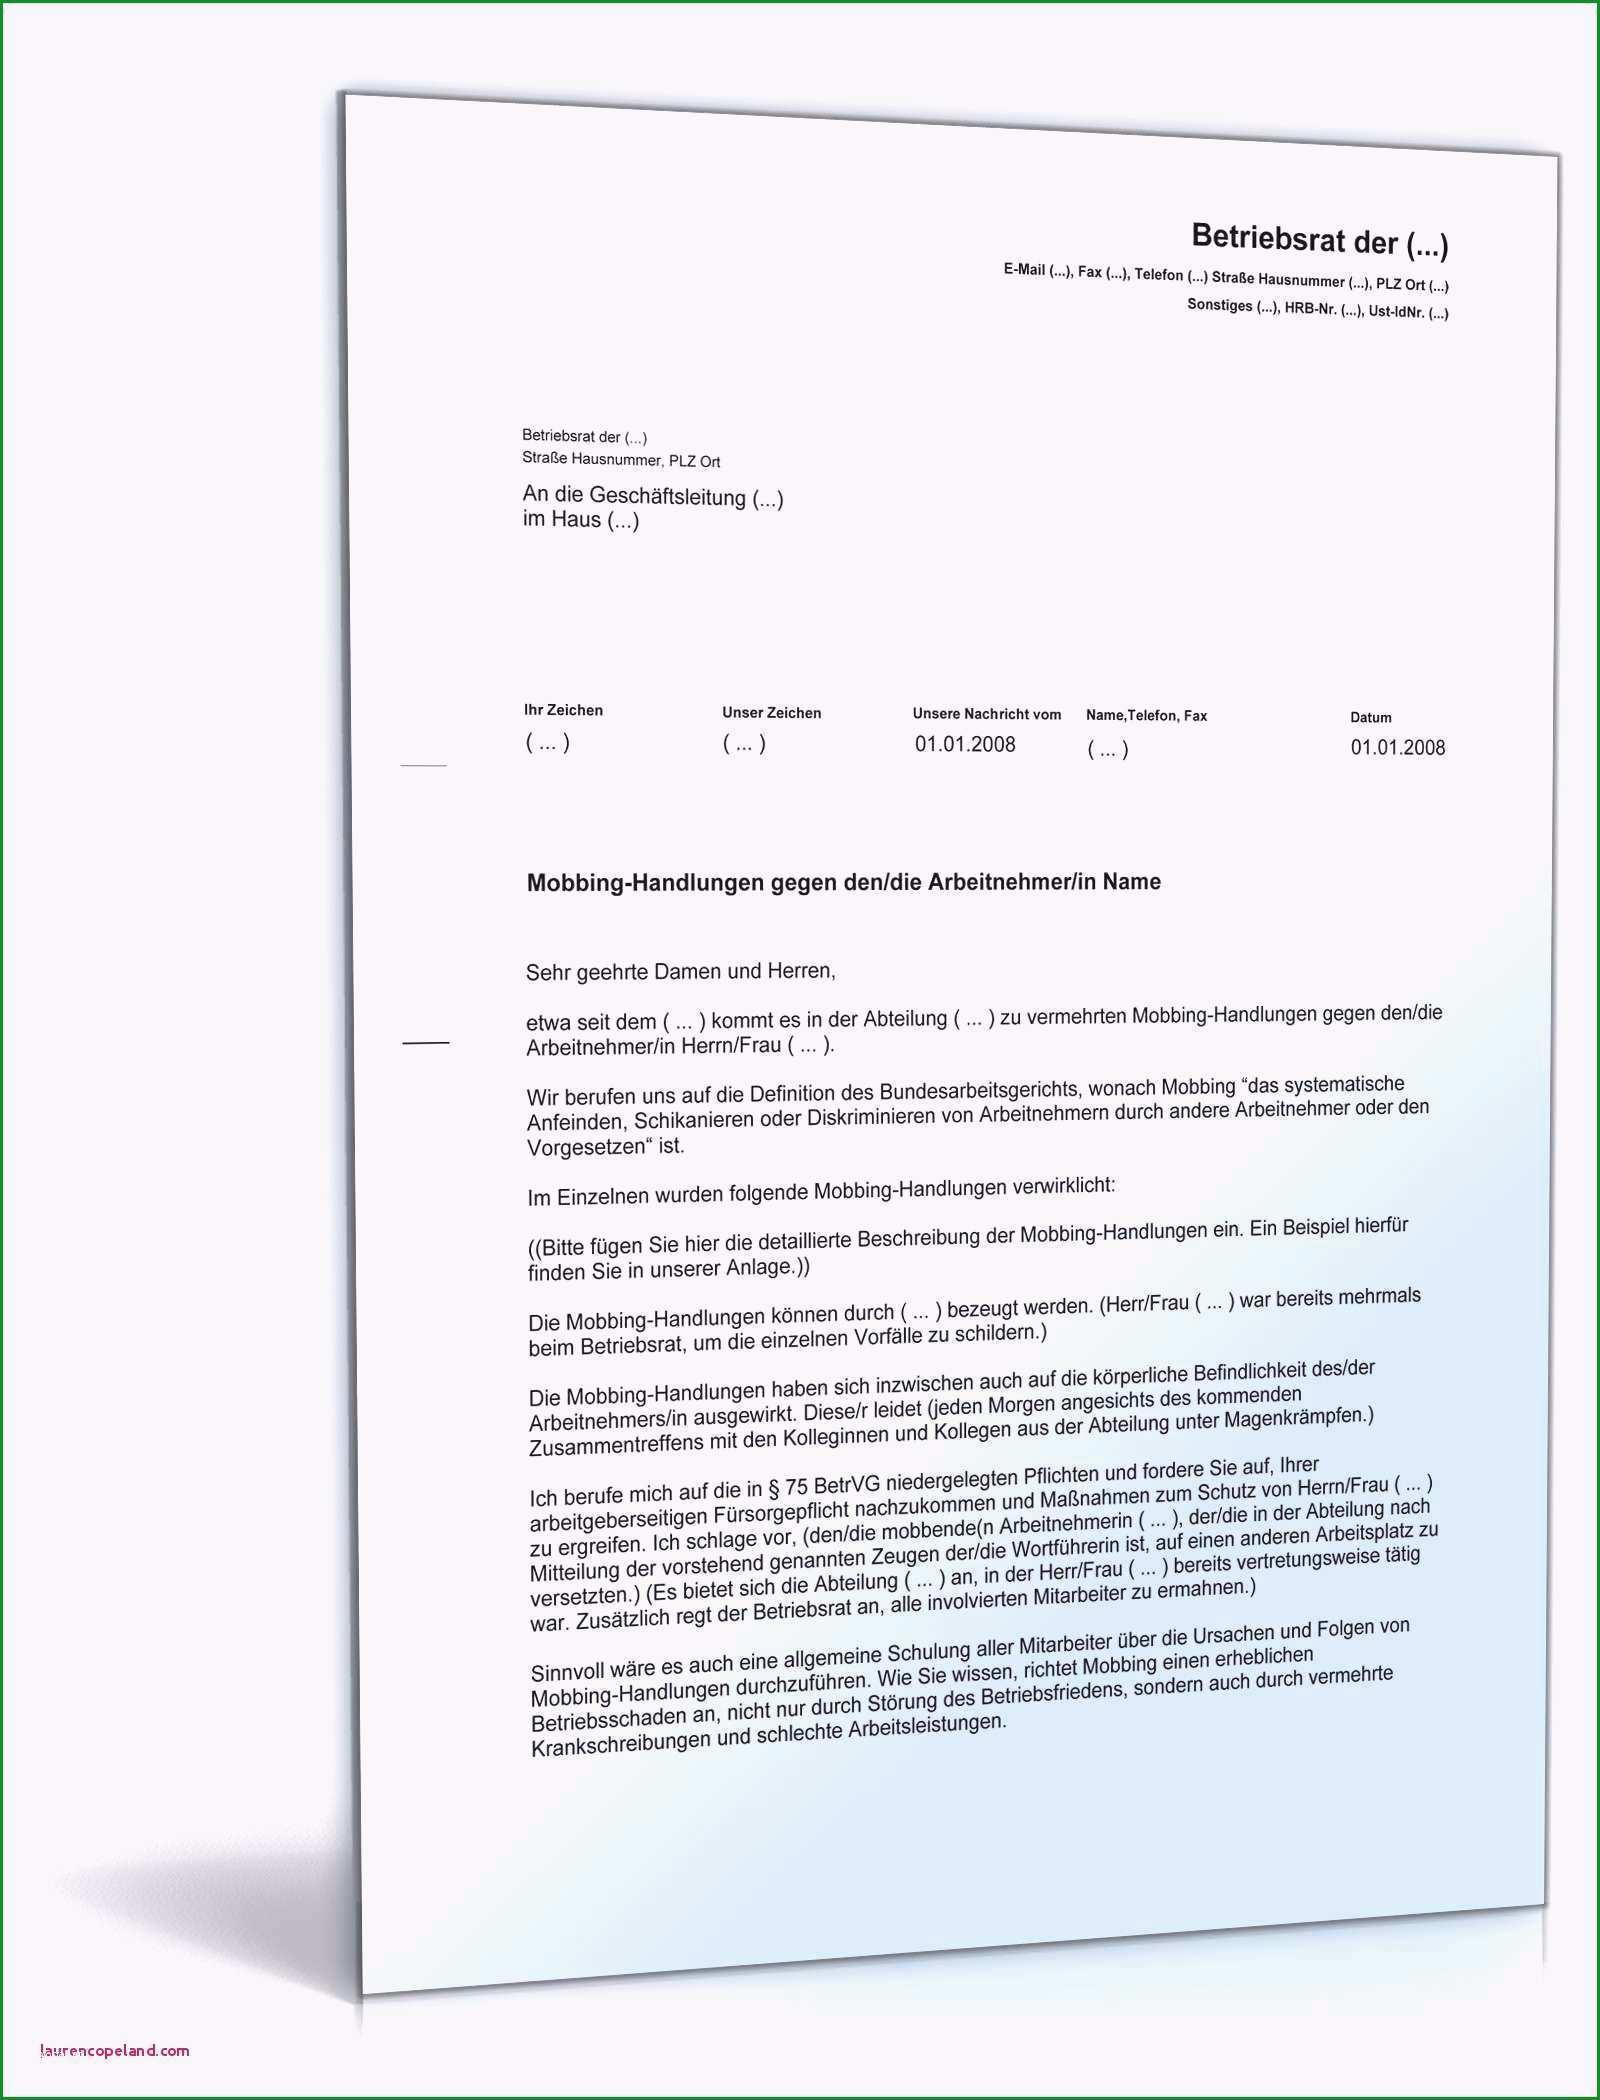 kassenbuch handschriftlich vorlage genial bericht schreiben vorlage 2